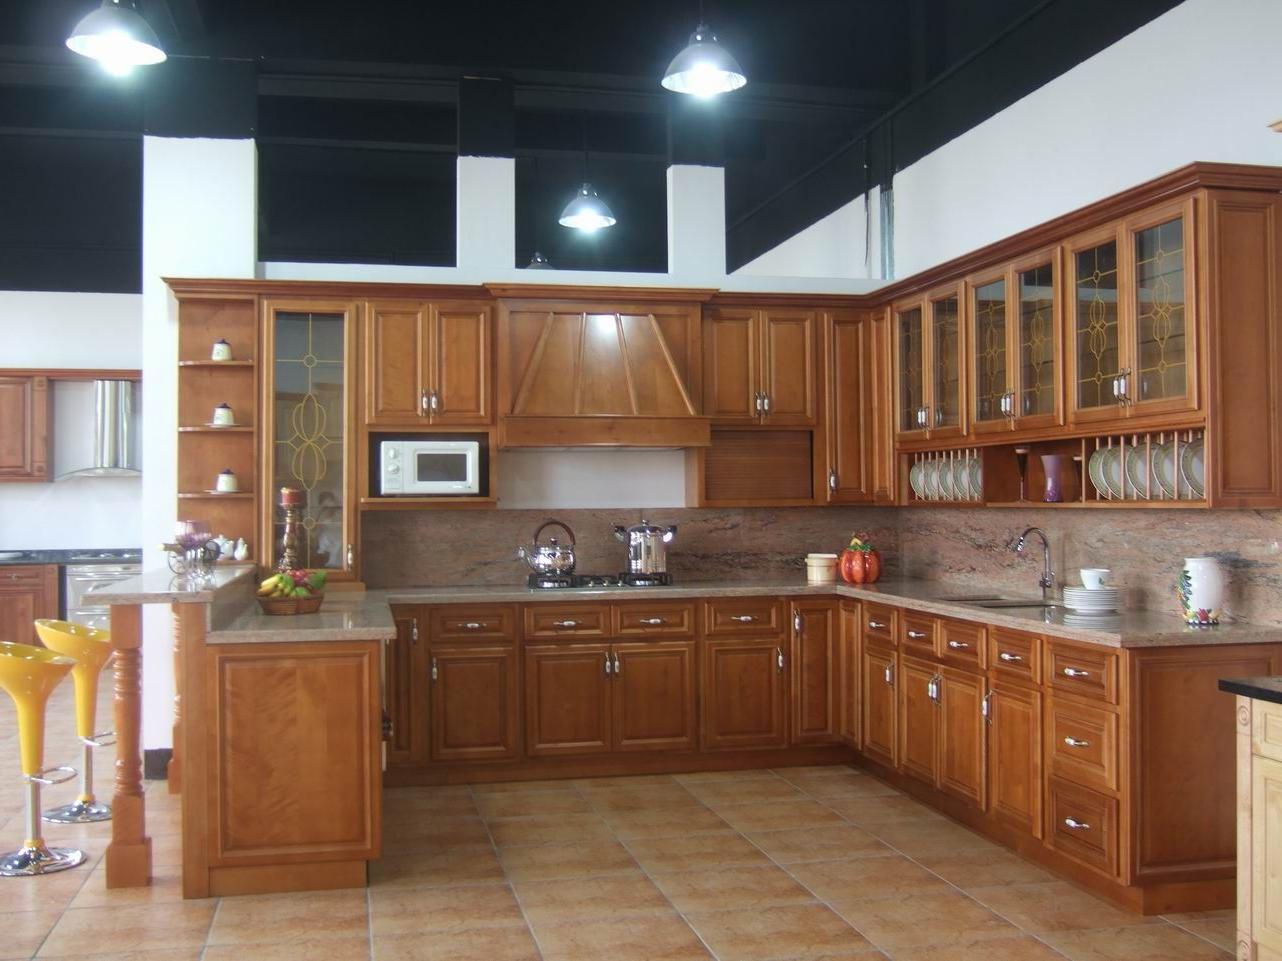 Muebles De Cocina De Madera Q5df Las 10 Cocinas De Madera Mas Calidas La Madera Es El Material